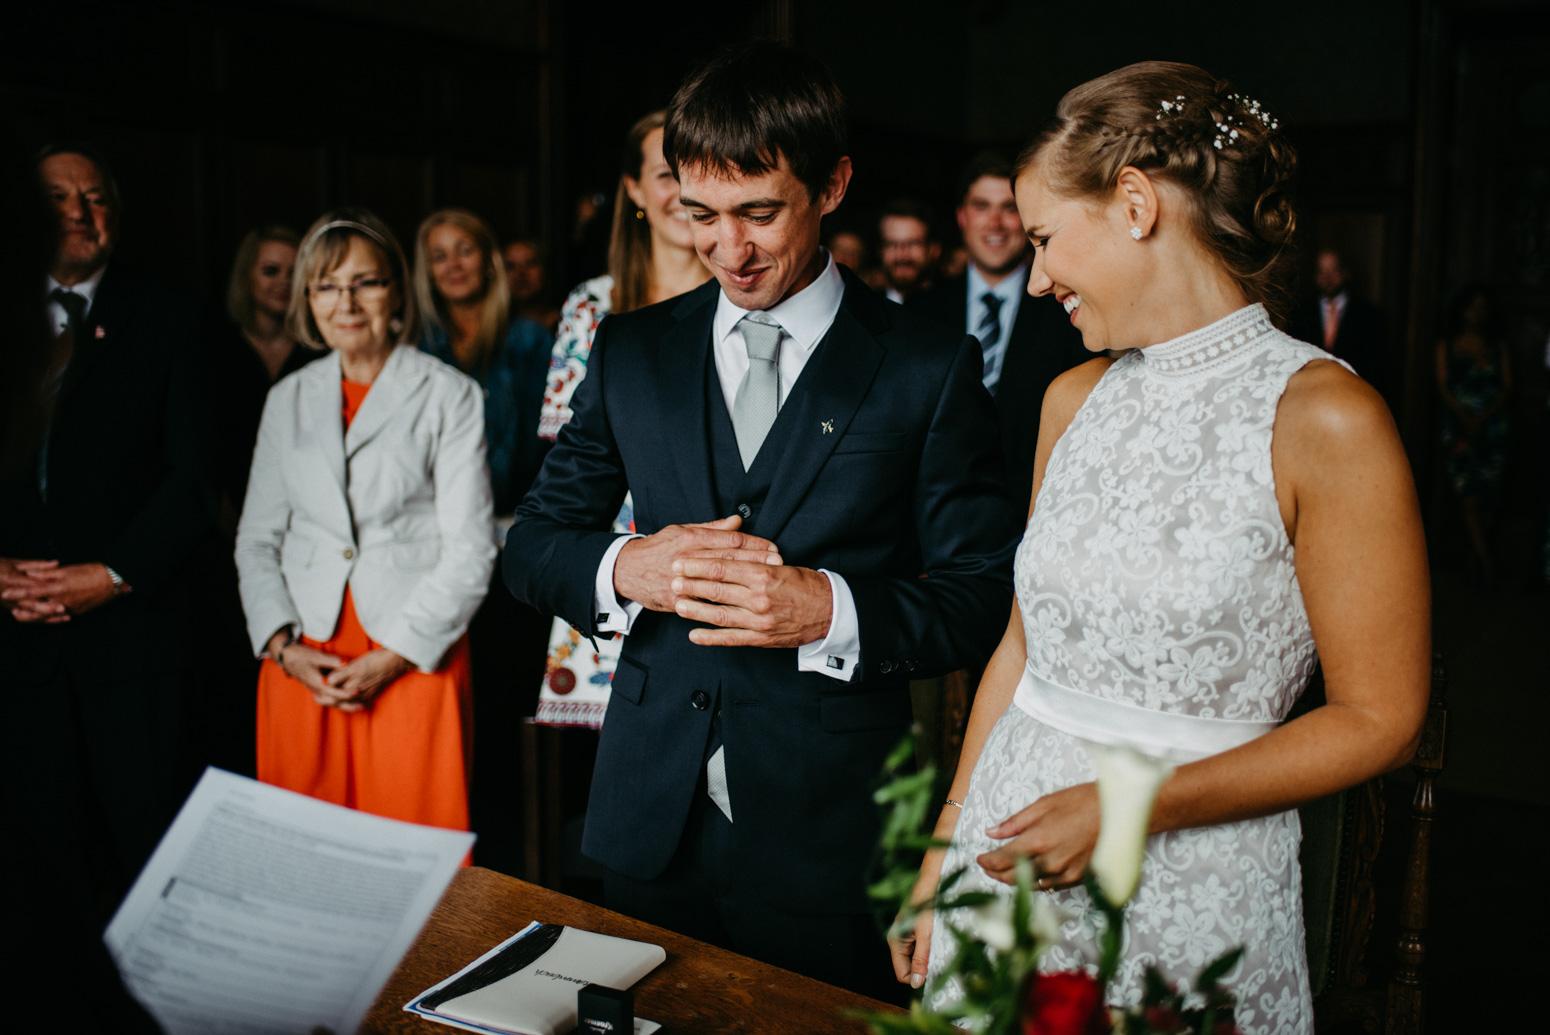 Ringwechsel bei einer deutsch-amerikanischen Hochzeit auf Schloss Drachenburg in Königswinter